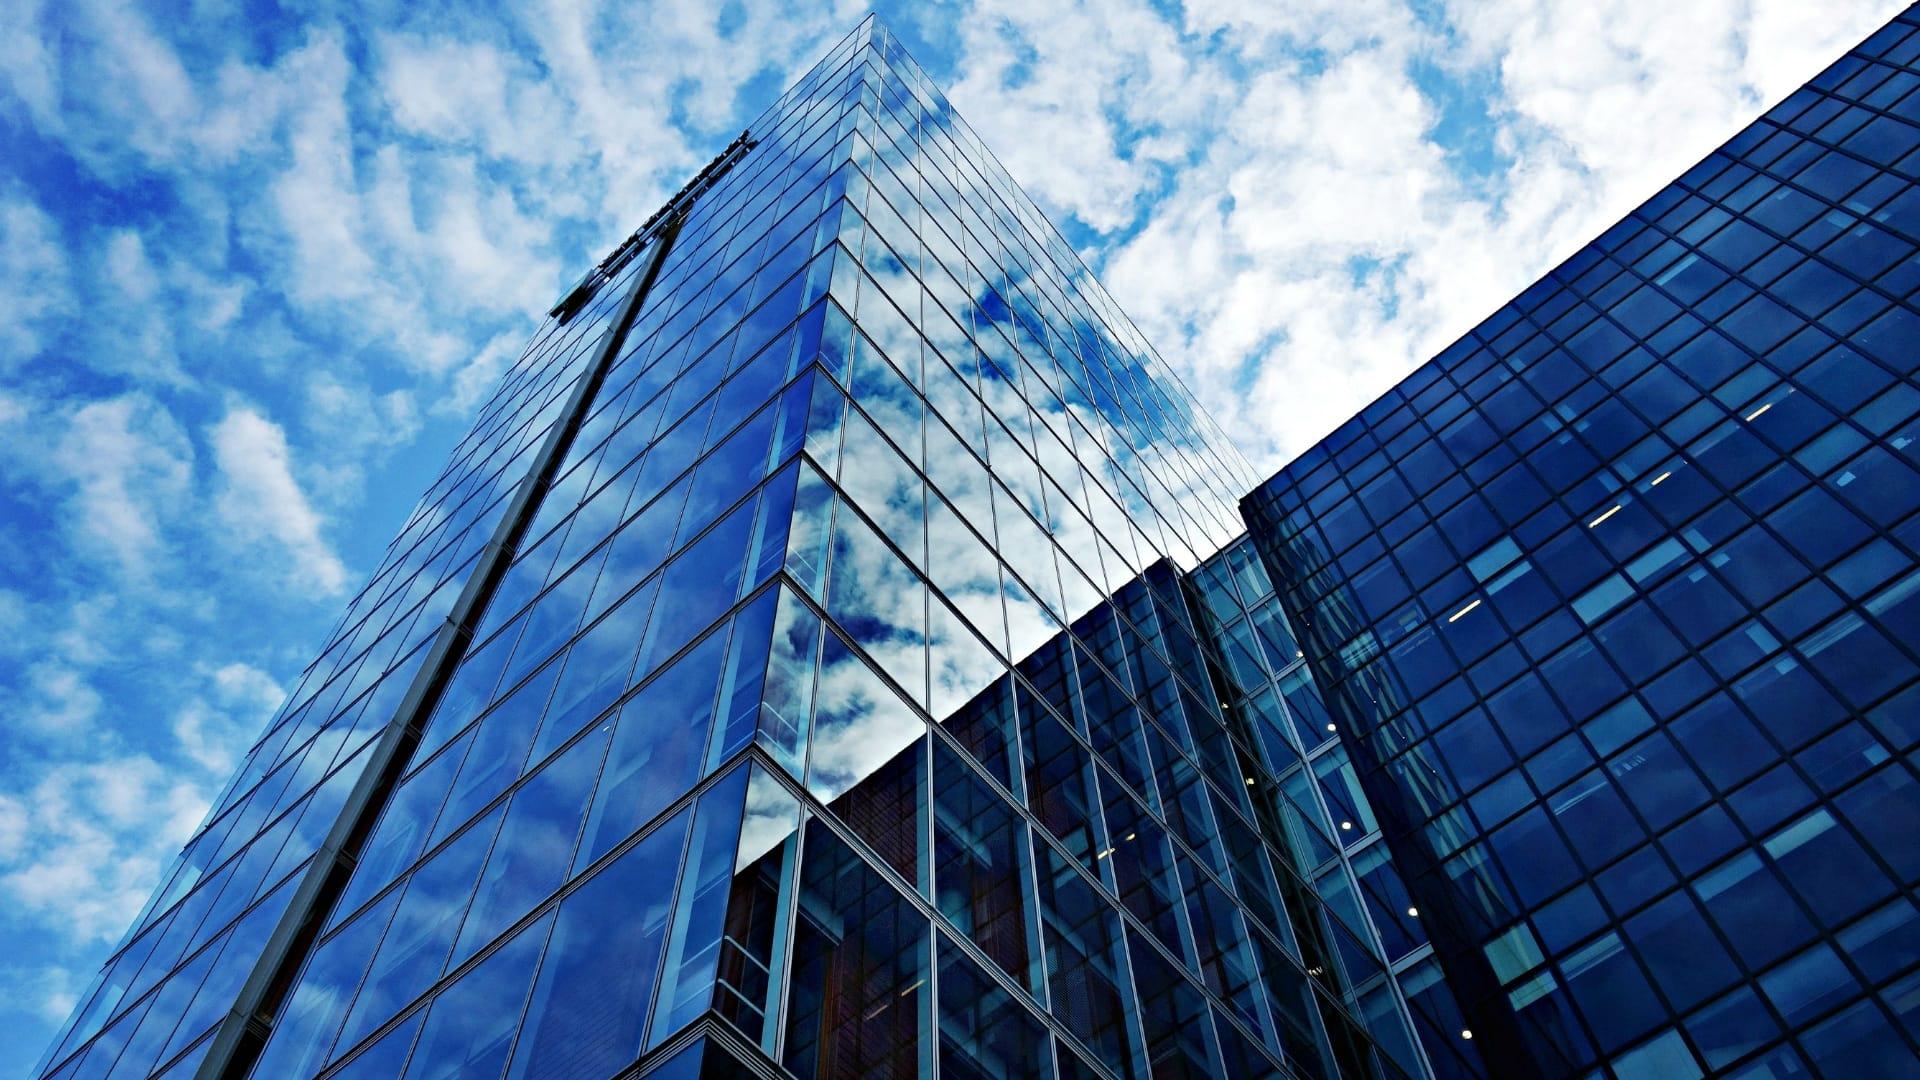 City high rise building skyward